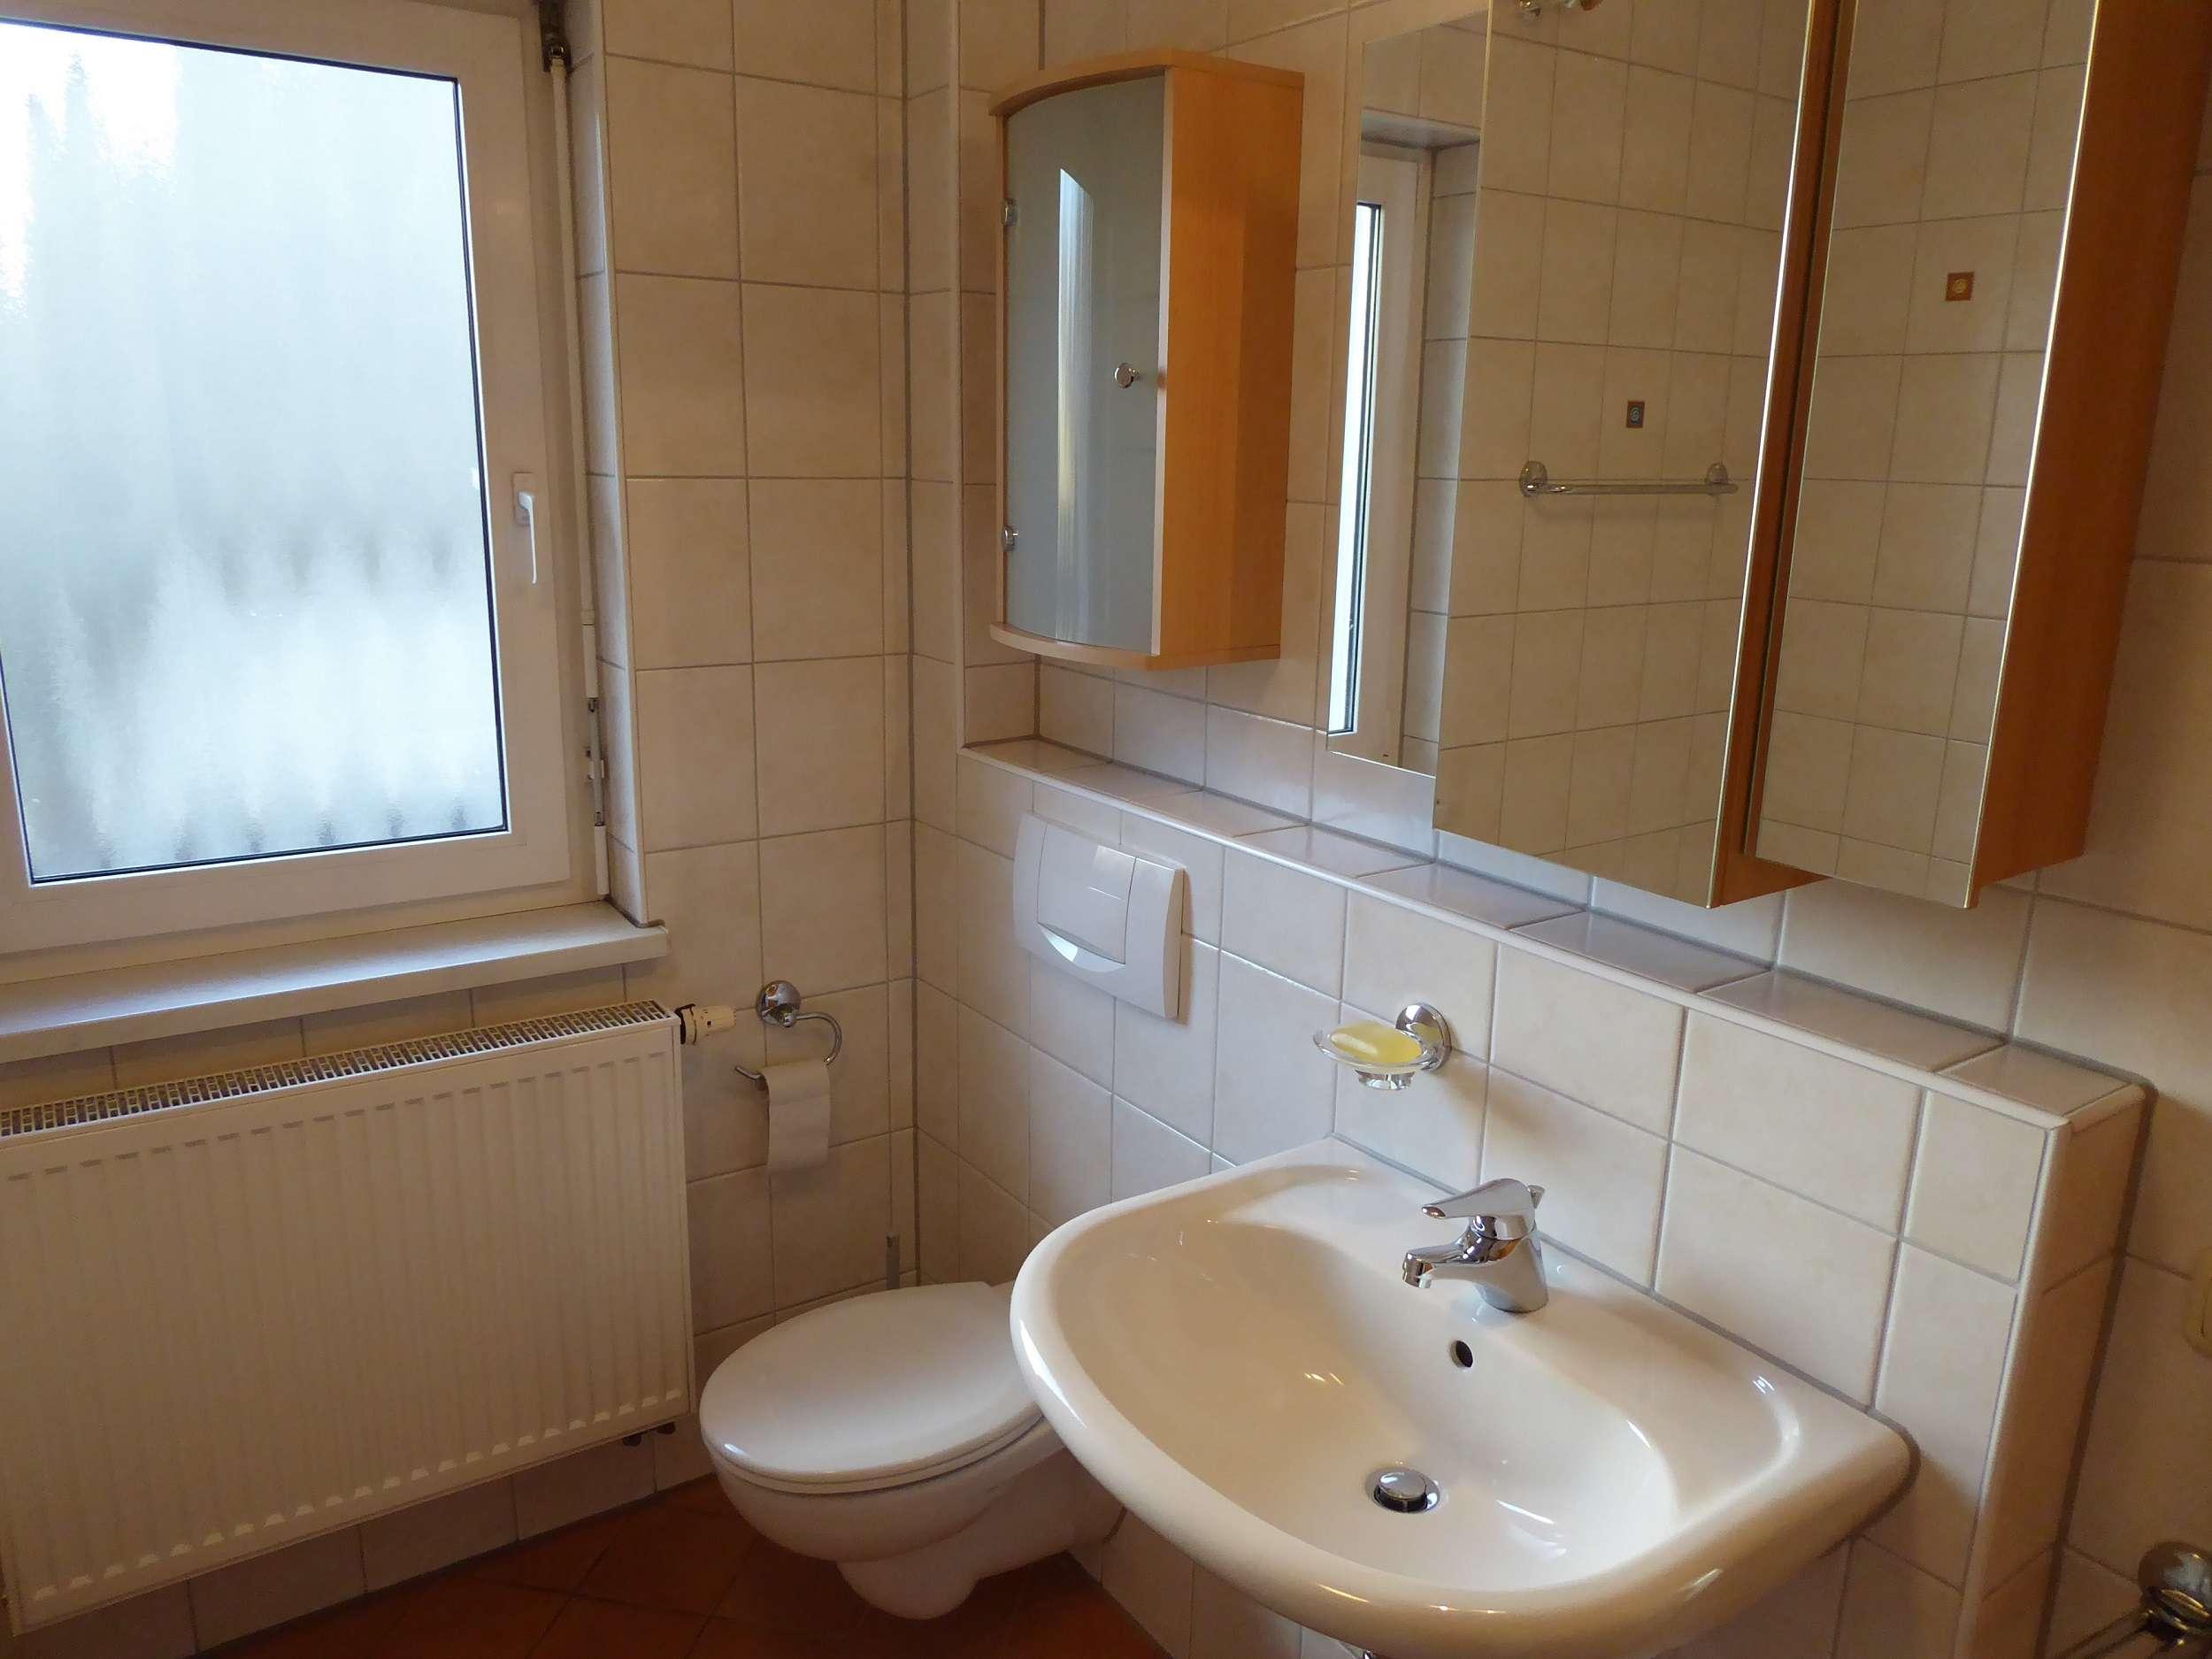 schöne, geräumige und neuwertige 2-Zimmer-EG-Wohnung mit Balkon und EBK in Erlangen in